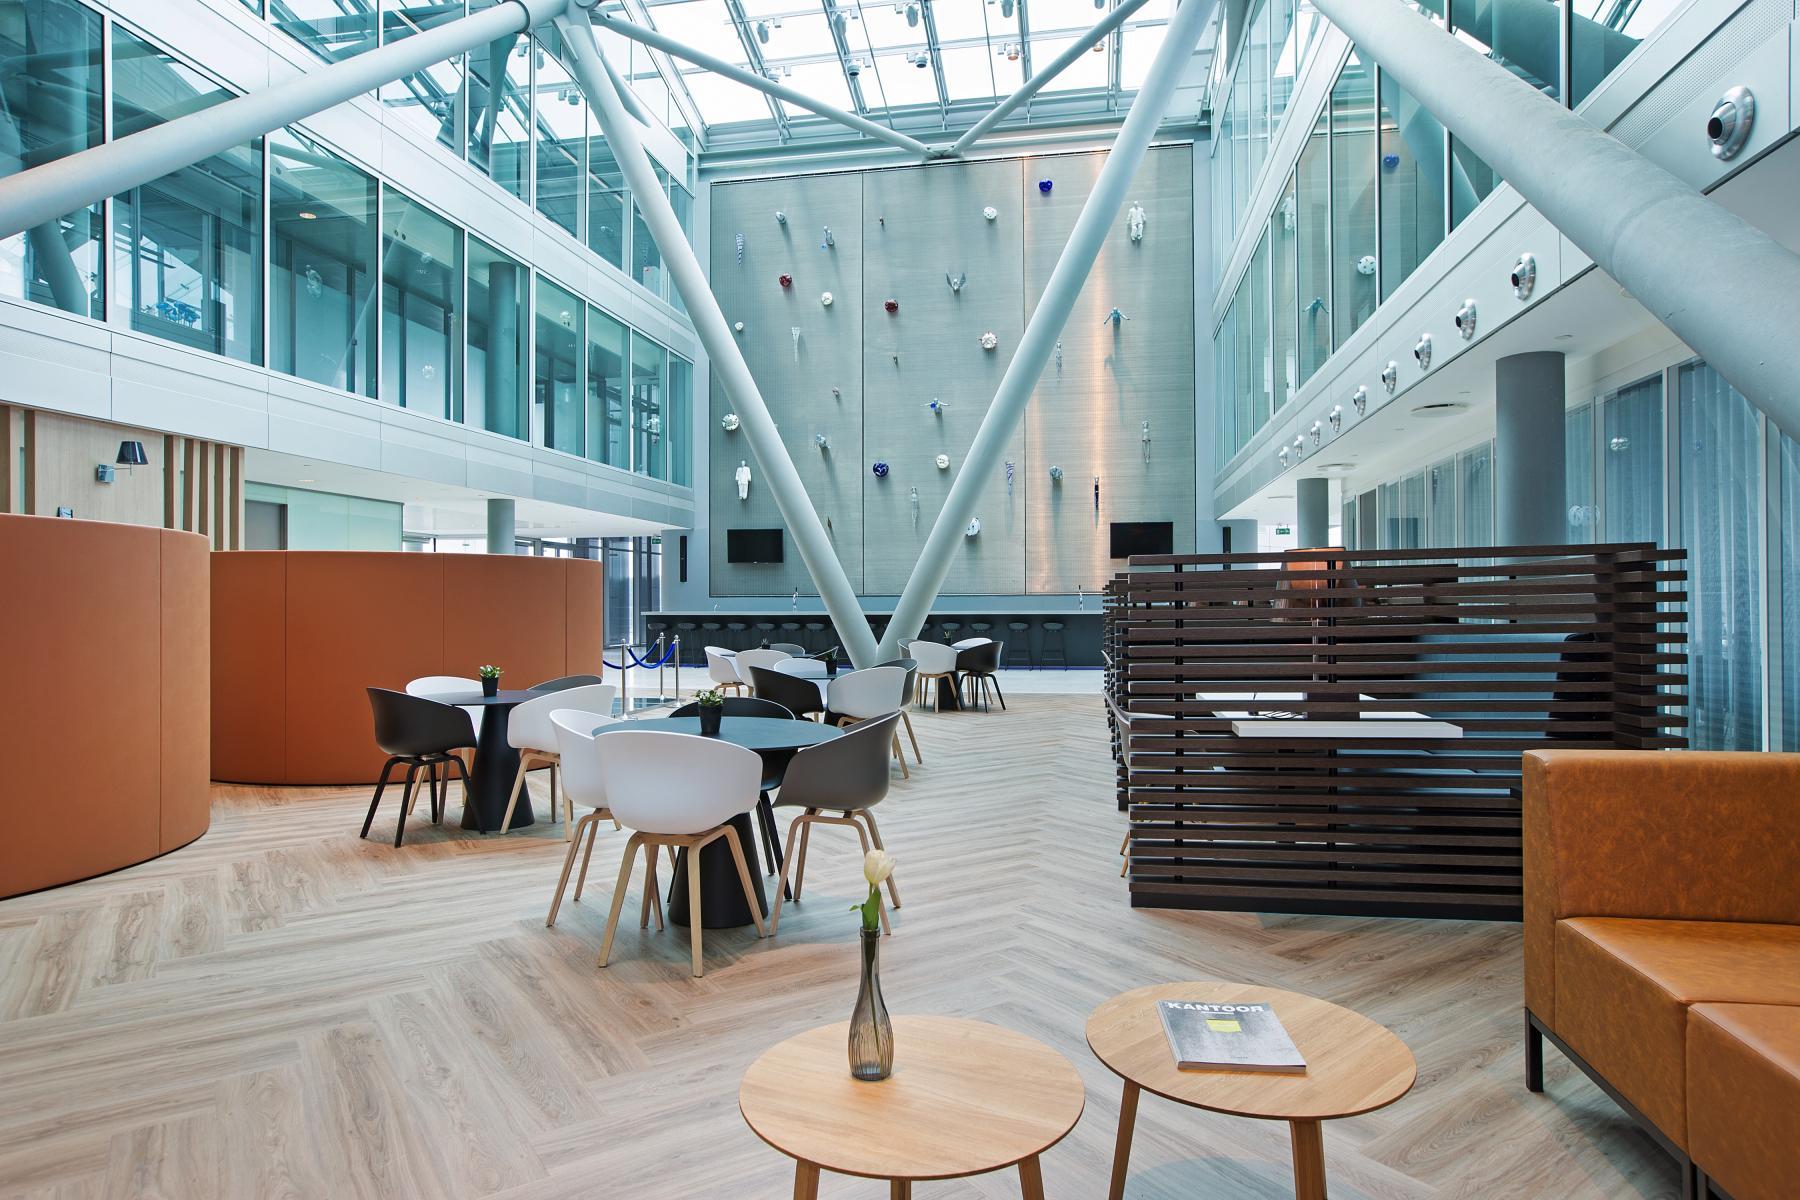 amstelveenseweg kantoorpand amsterdam gemeenschappelijke ruimte